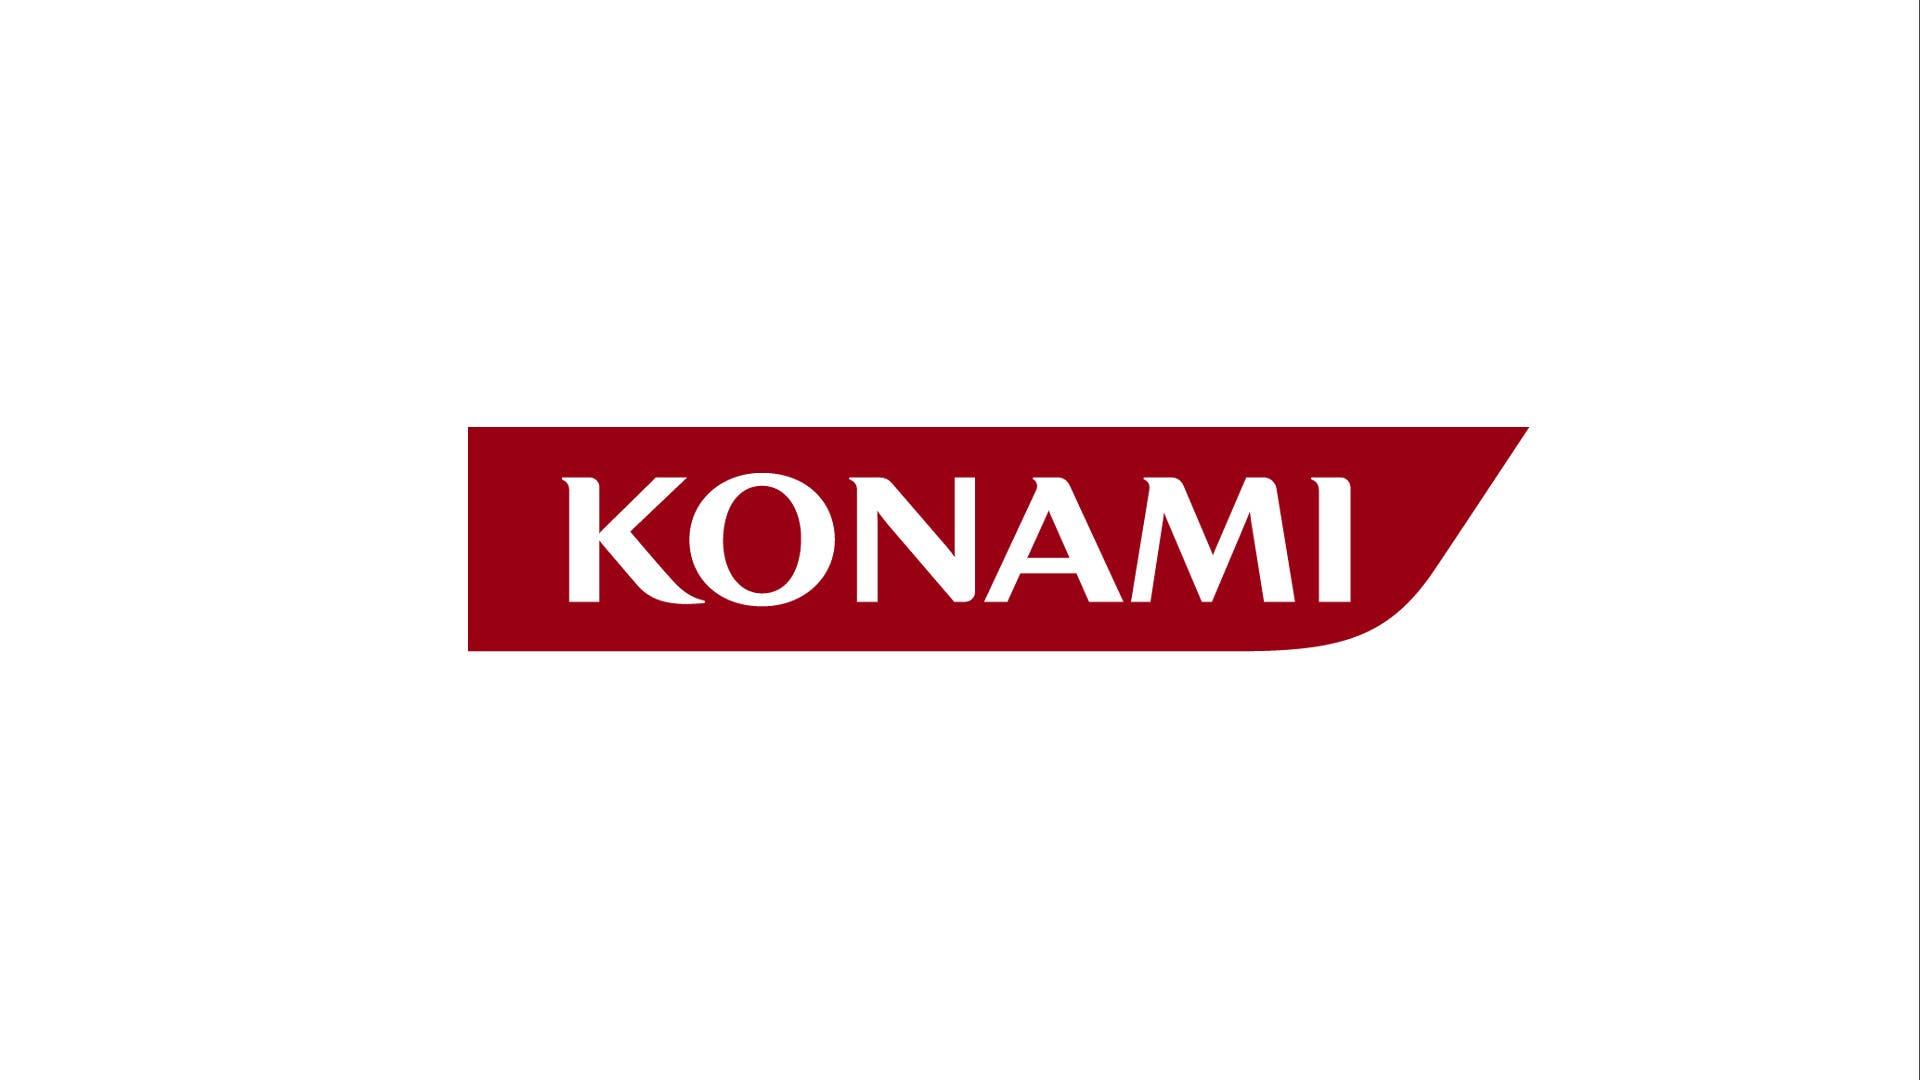 Konami declara que seguirá apoyando a las franquicias grandes de consolas